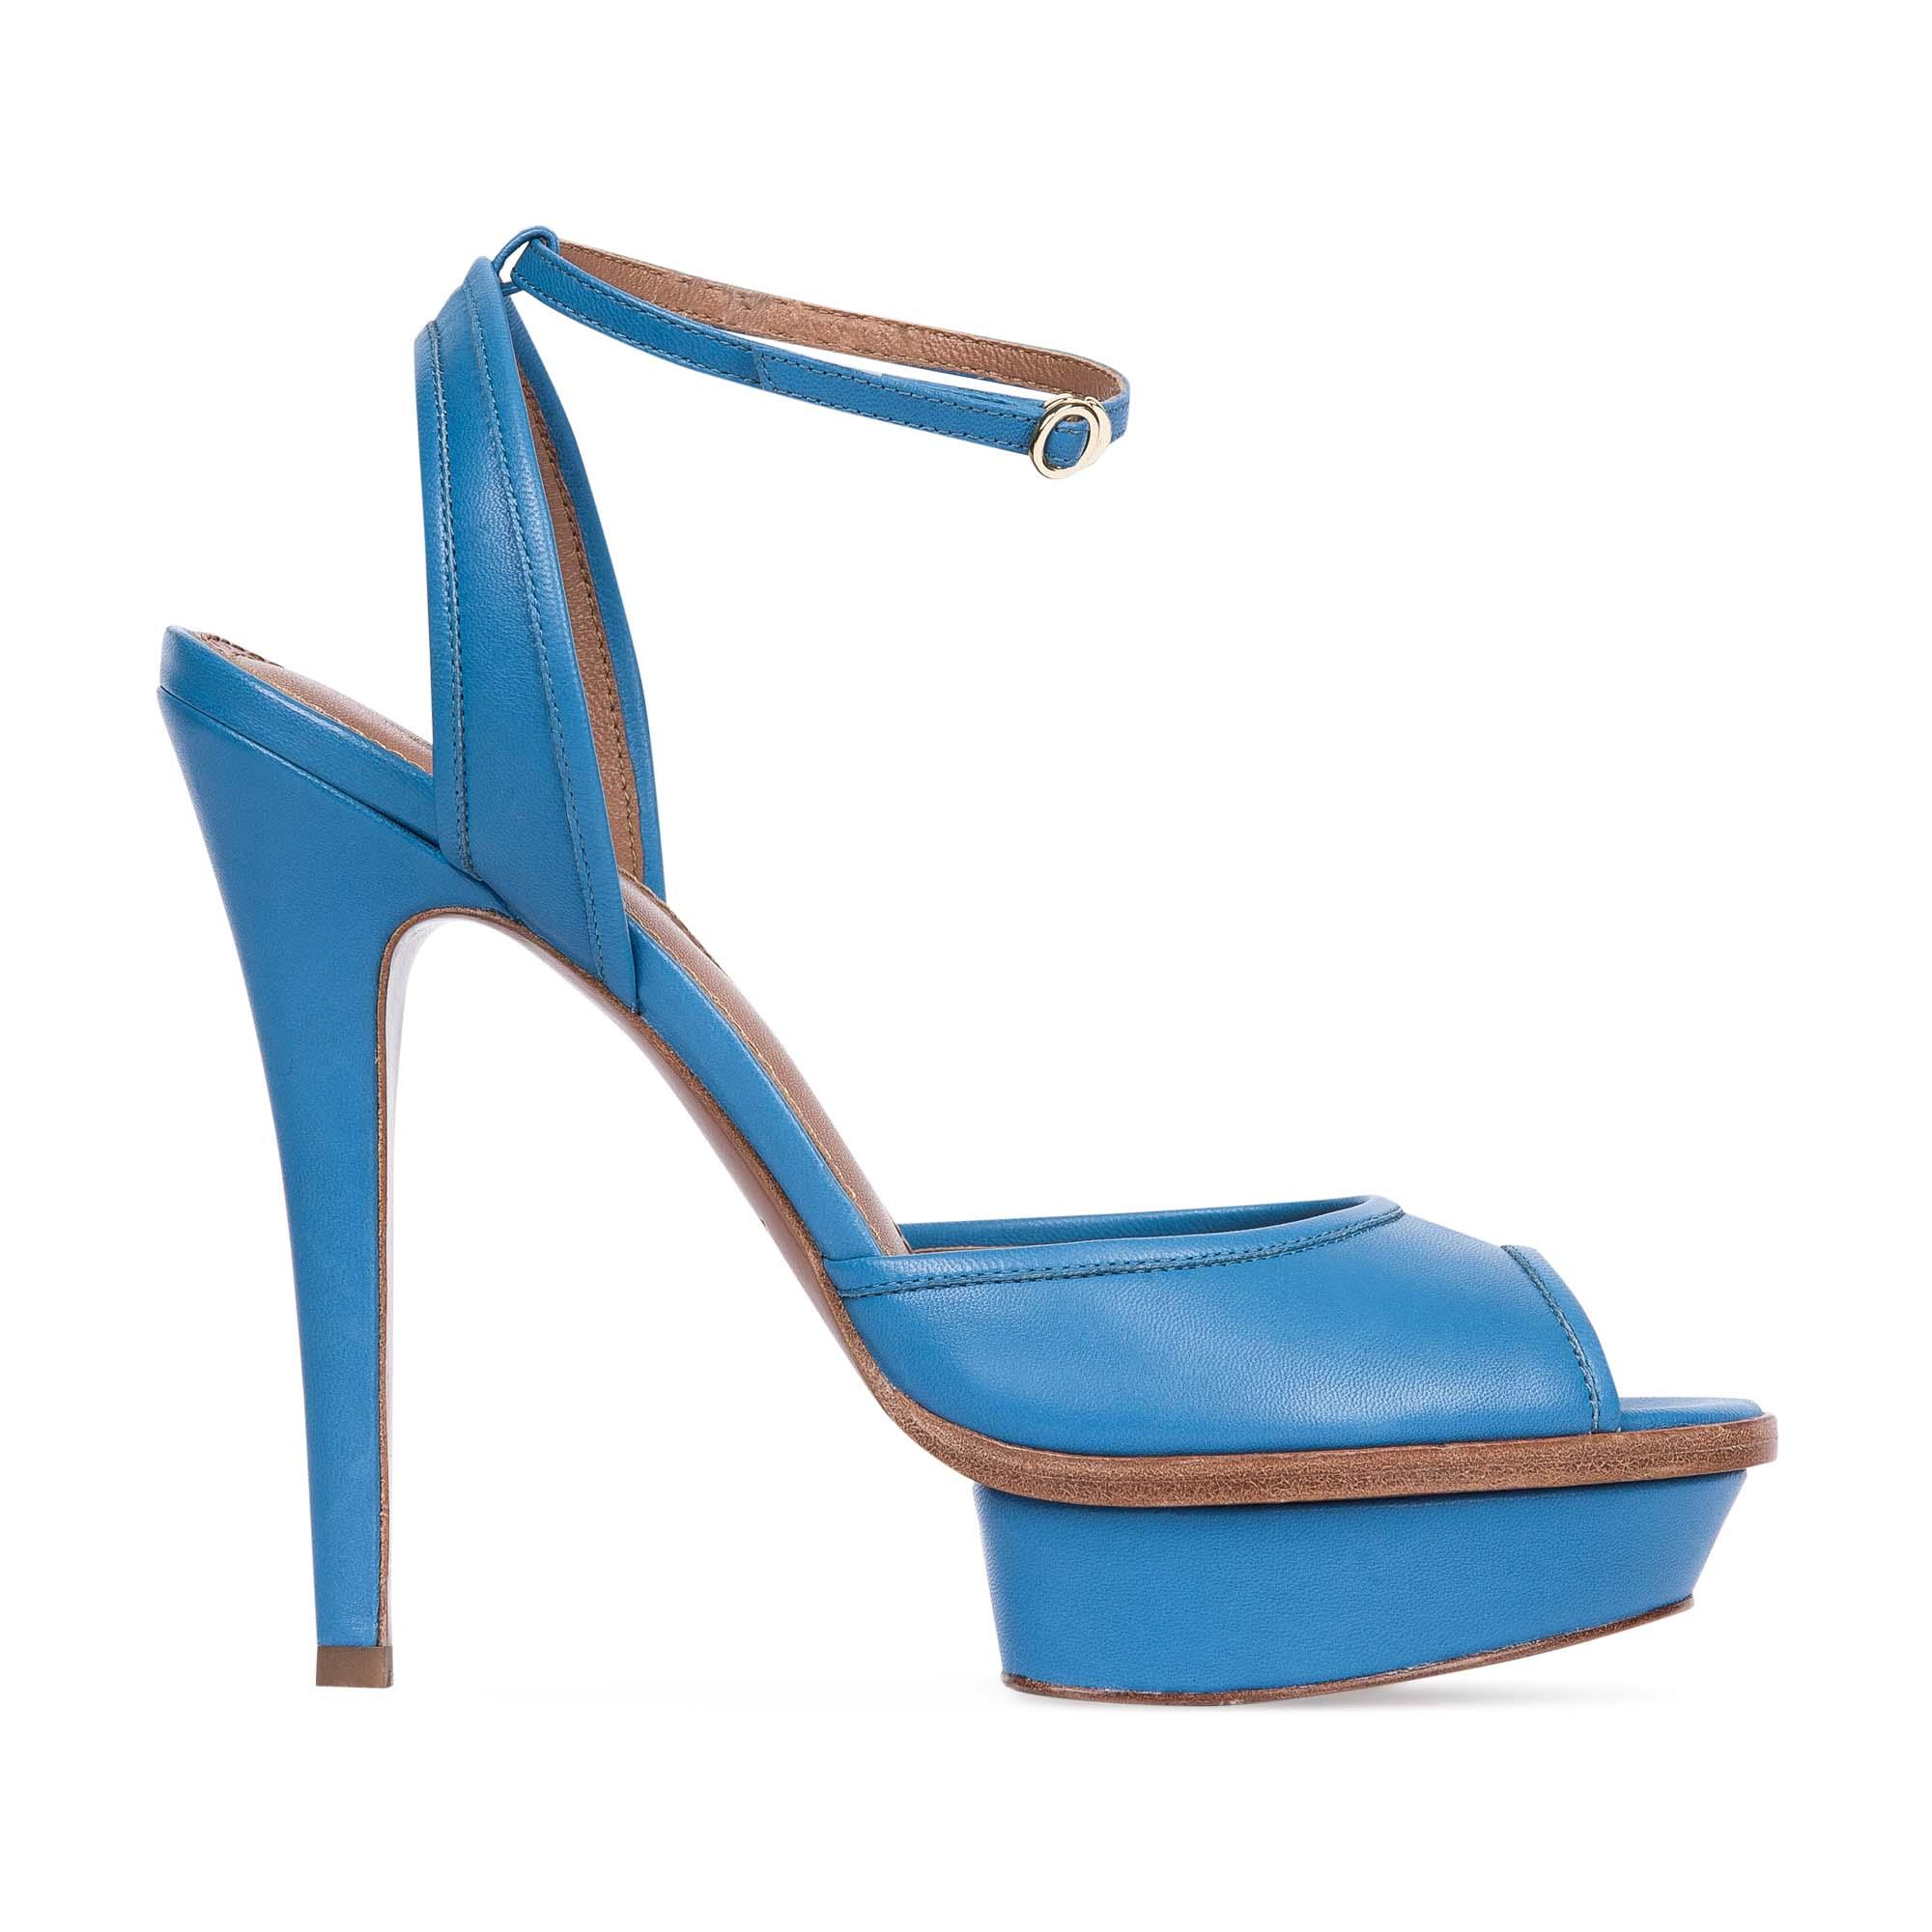 Босоножки из кожи лазурного цвета на высоком каблукеБосоножки женские<br><br>Материал верха: Кожа<br>Материал подкладки: Кожа<br>Материал подошвы: Кожа<br>Цвет: Голубой<br>Высота каблука: 13 см<br>Дизайн: Италия<br>Страна производства: Китай<br><br>Высота каблука: 13 см<br>Материал верха: Кожа<br>Материал подкладки: Кожа<br>Цвет: Голубой<br>Вес кг: 0.52600000<br>Размер: 36